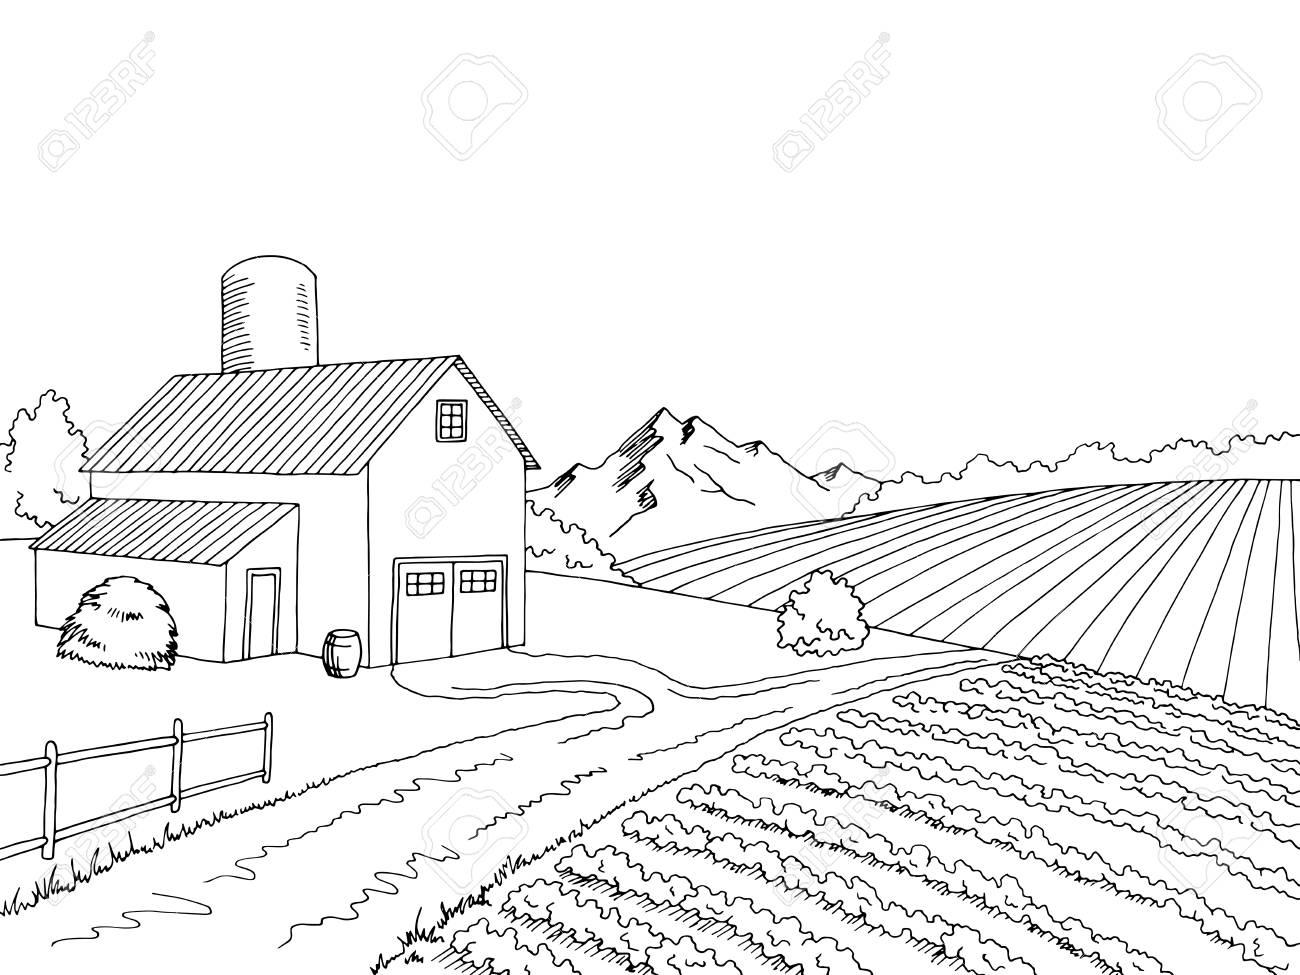 Farm field graphic black white sketch illustration vector.